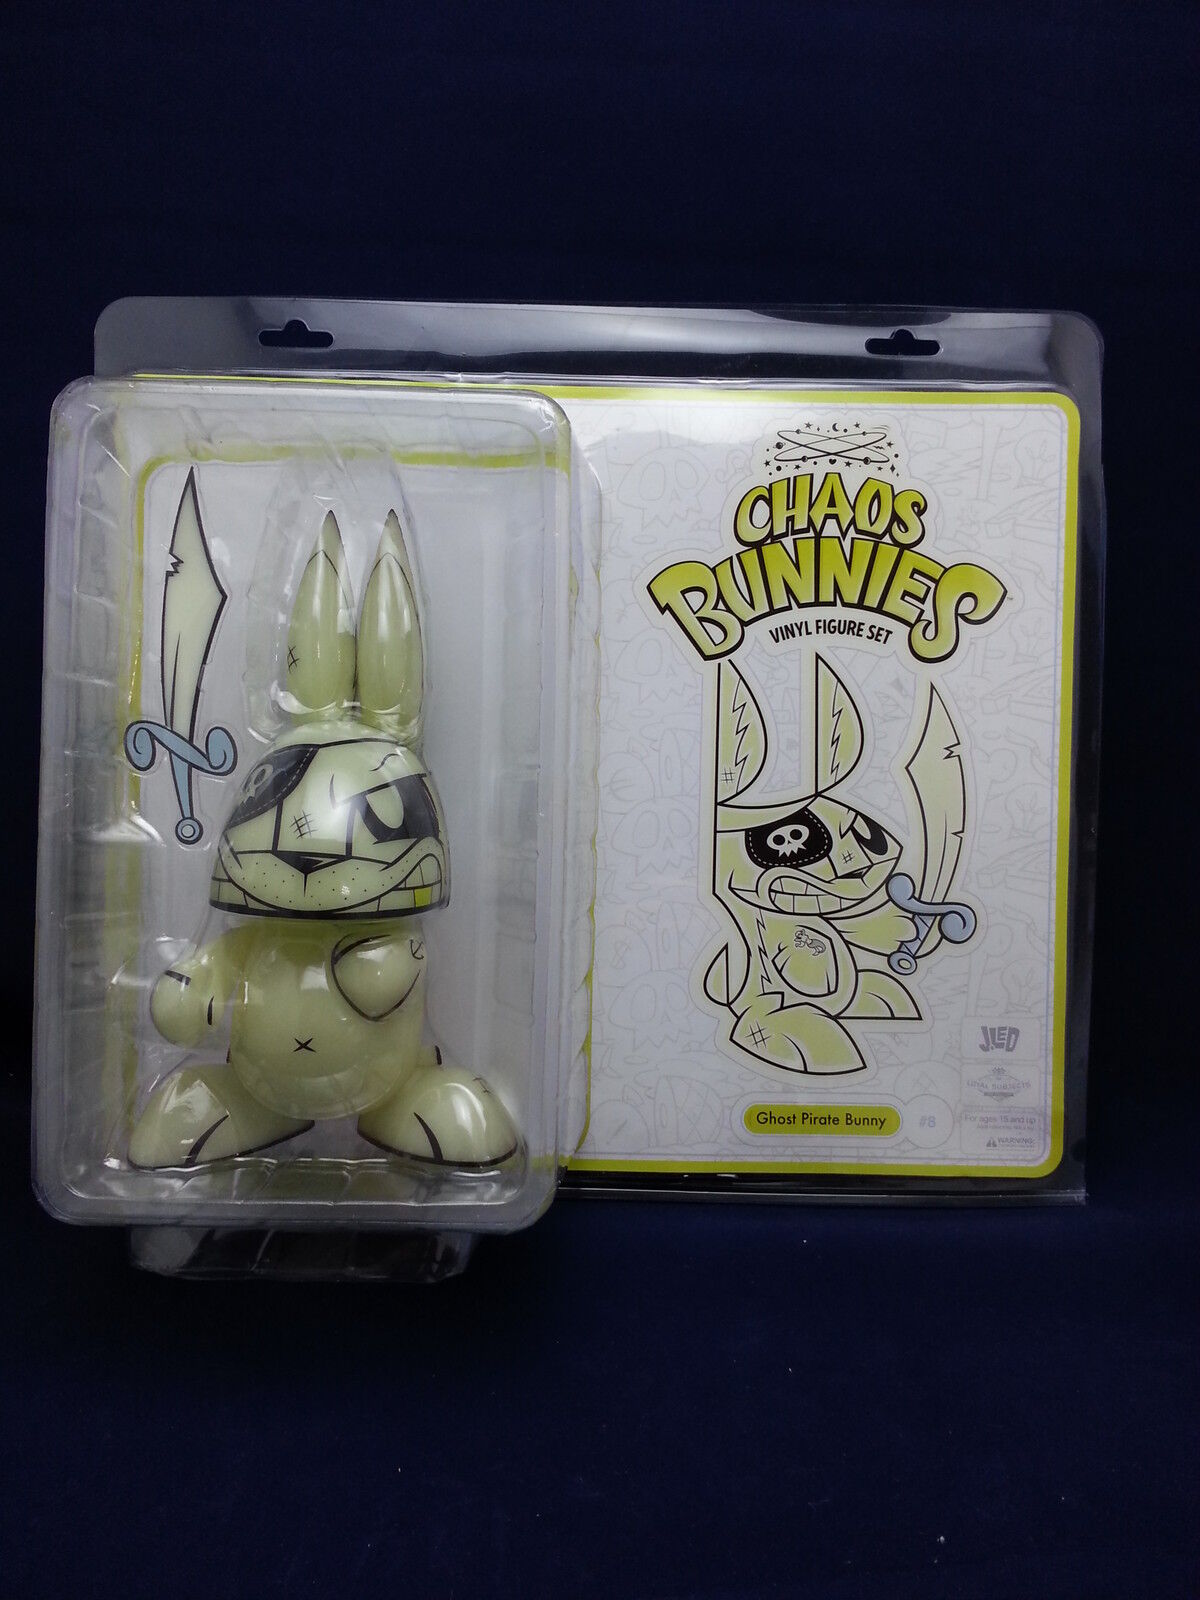 Los leales súbditos caos Ghost Pirata Bunny Gid 10  figura en todo el mundo libre S H